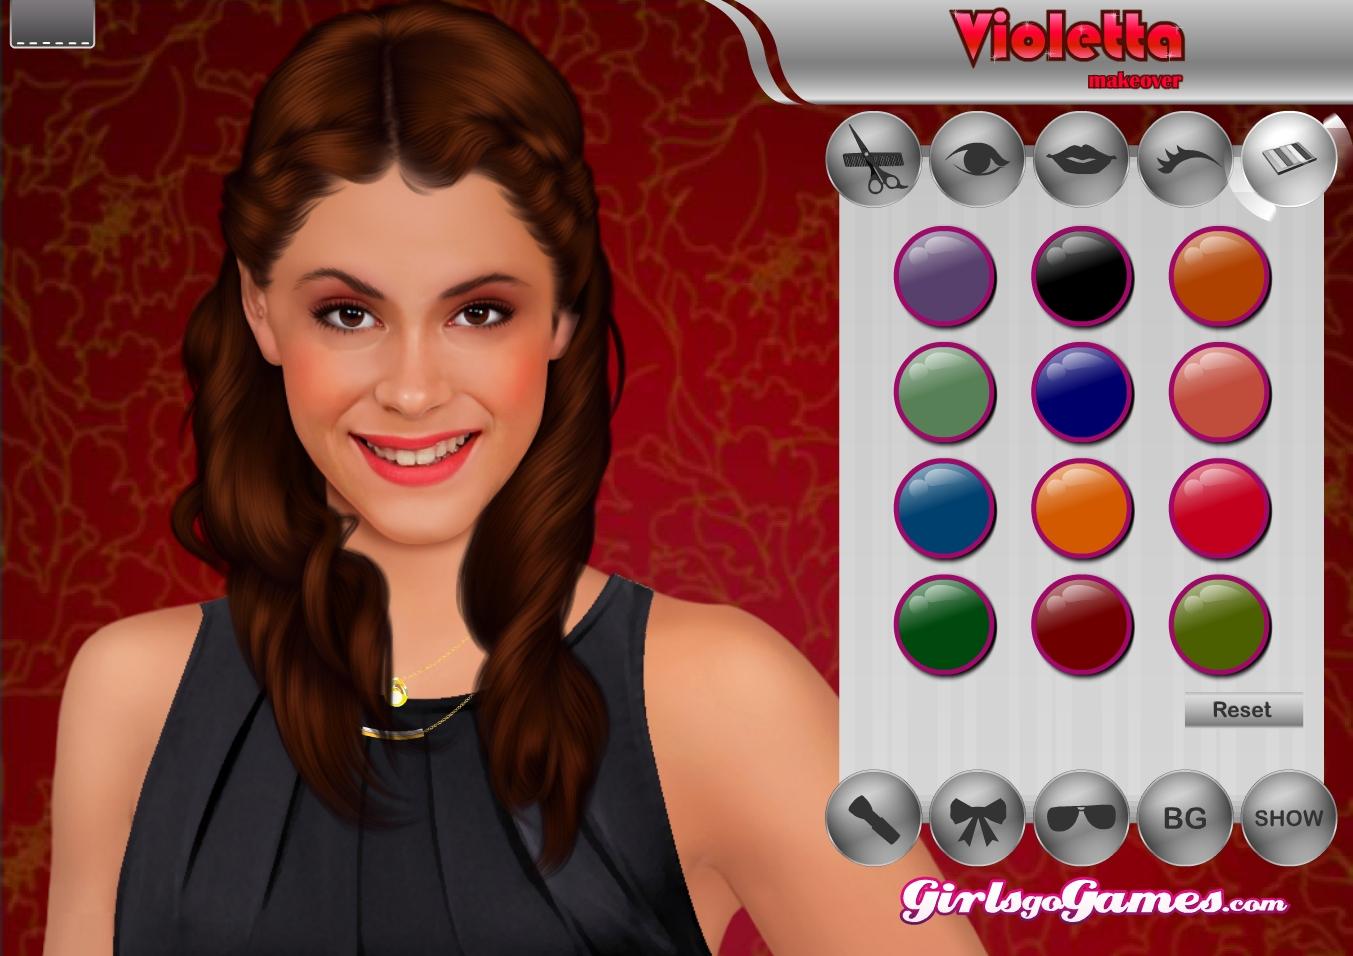 jeu violetta maquillage gratuit en ligne - Coloriage Violetta En Ligne